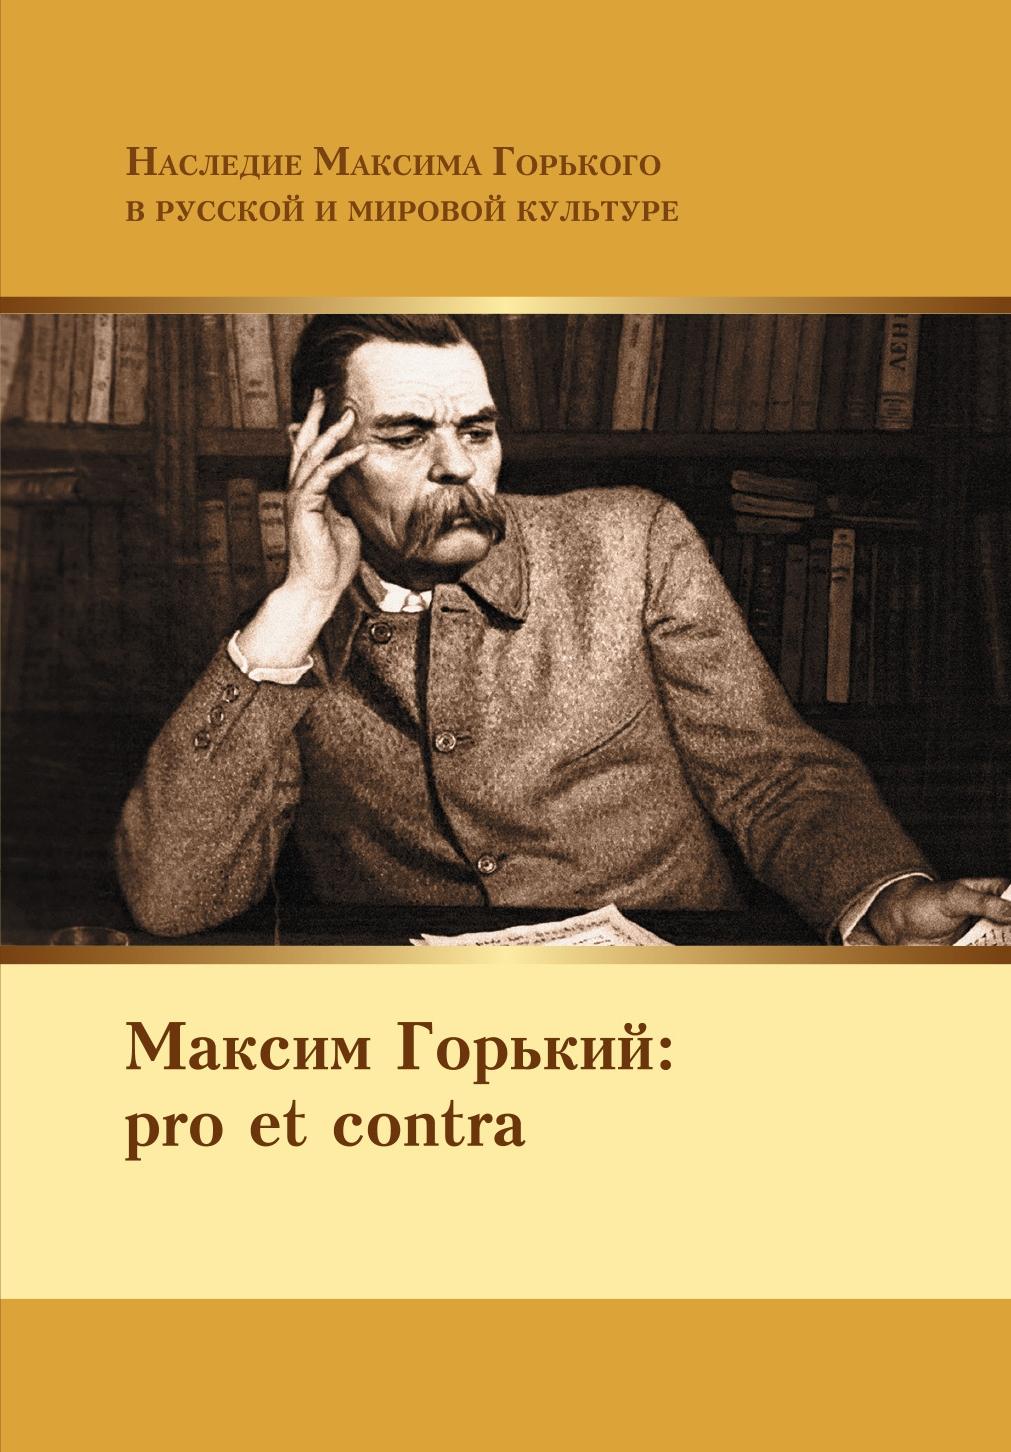 Максим Горький: pro et contra, антология. Современный дискурс. Издательство РХГА